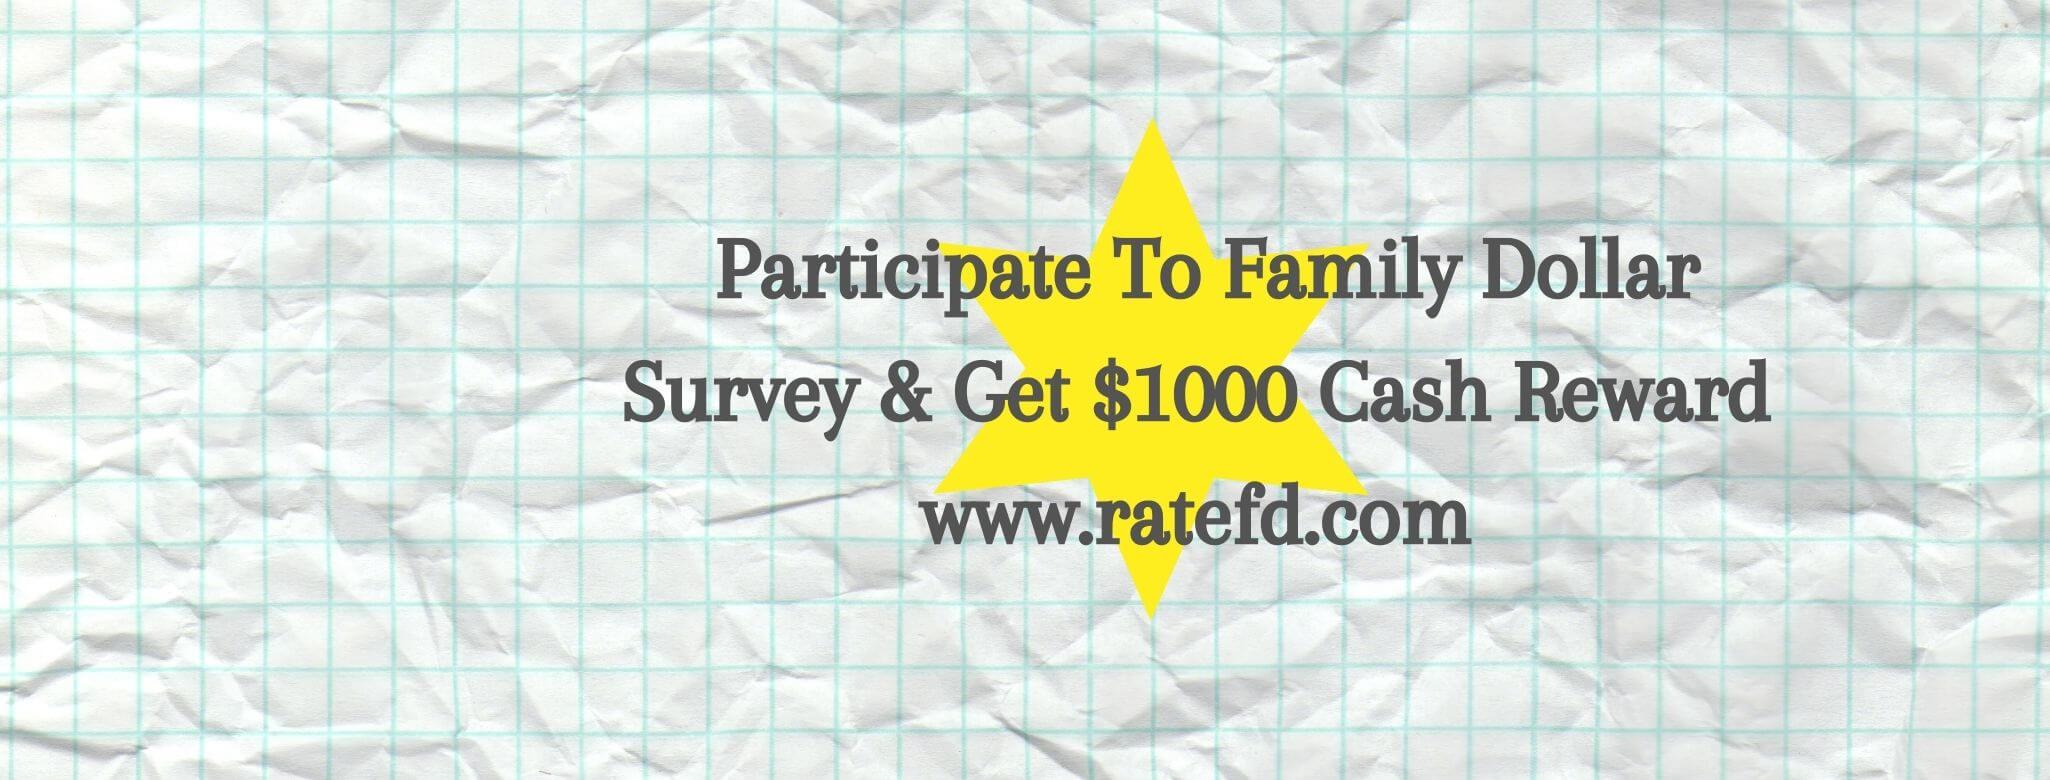 ratefd survey